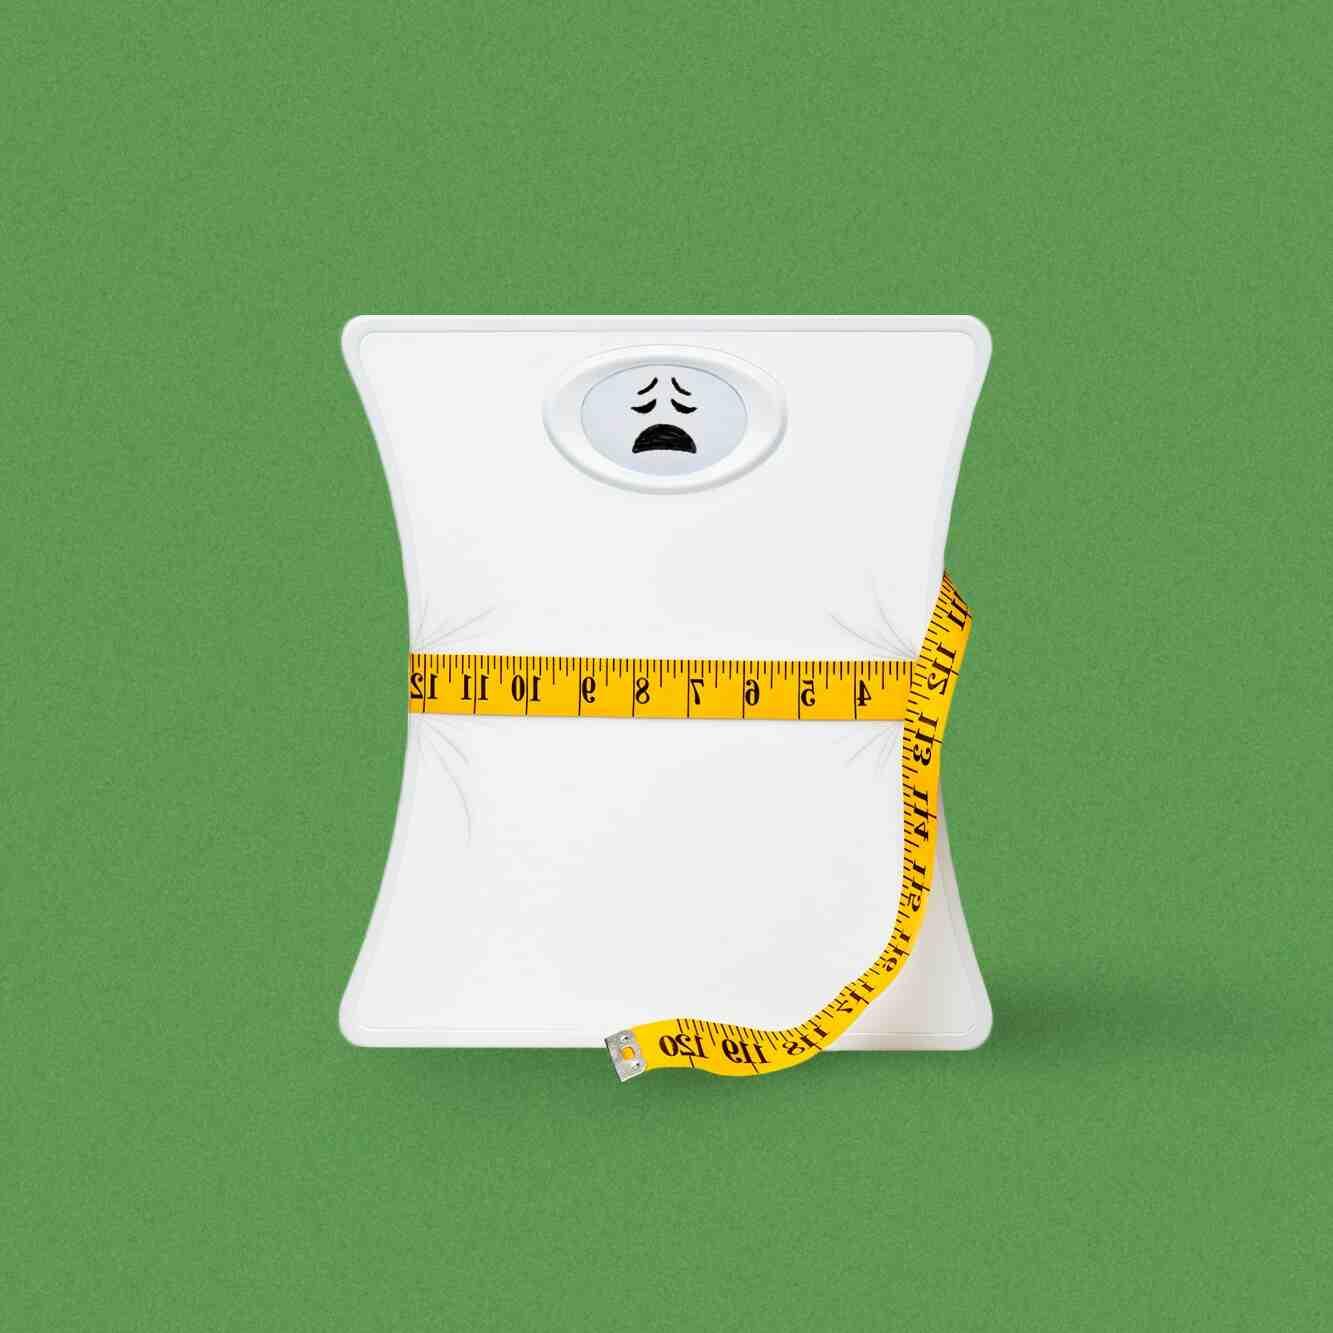 Comment perdre 5 kilos rapidement gratuitement ?